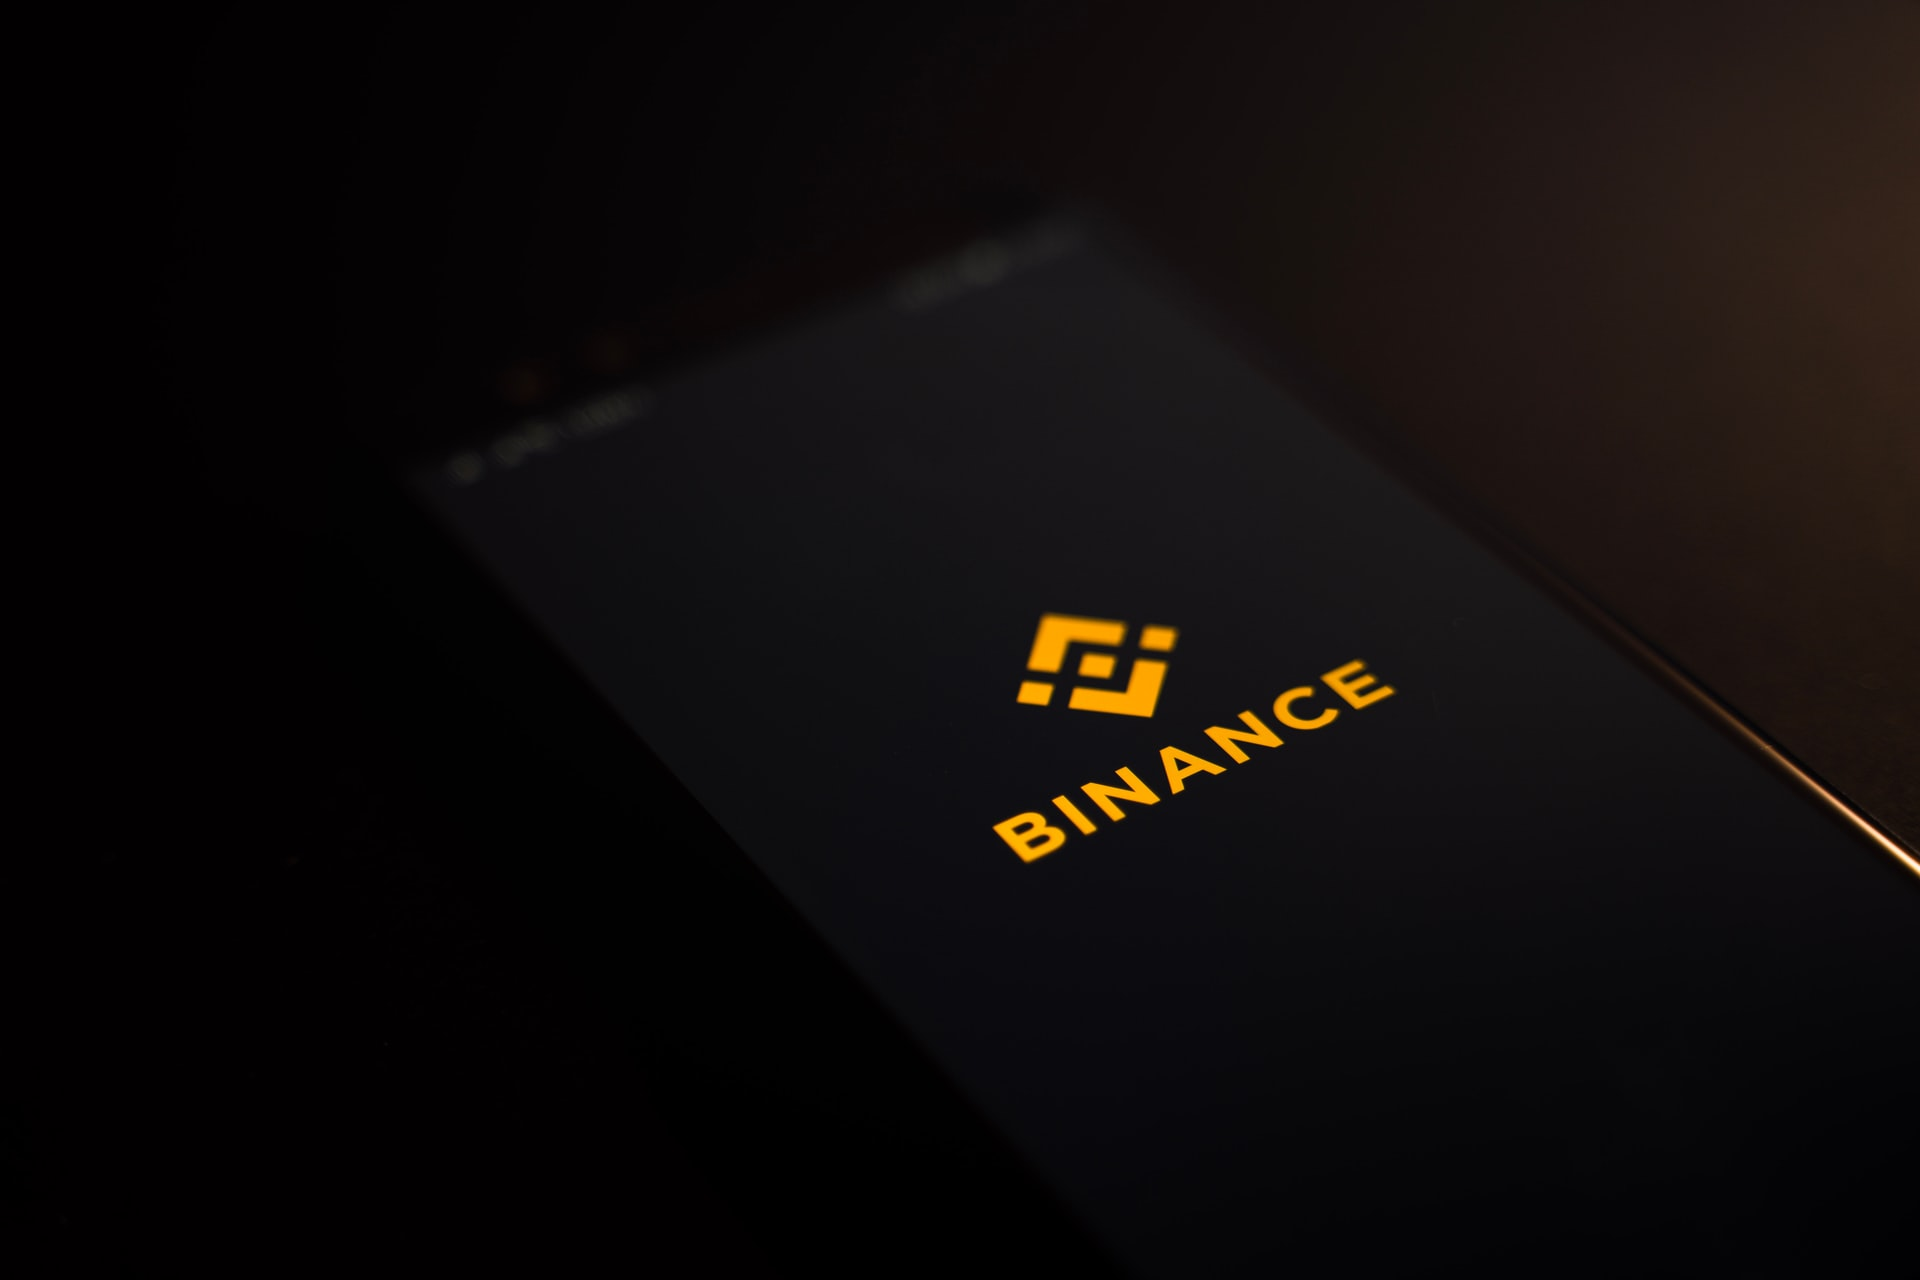 Autoridad de Conducta Financiera del Reino Unido asegura que Binance cumplió con todos los requisitos solicitados por el regulador